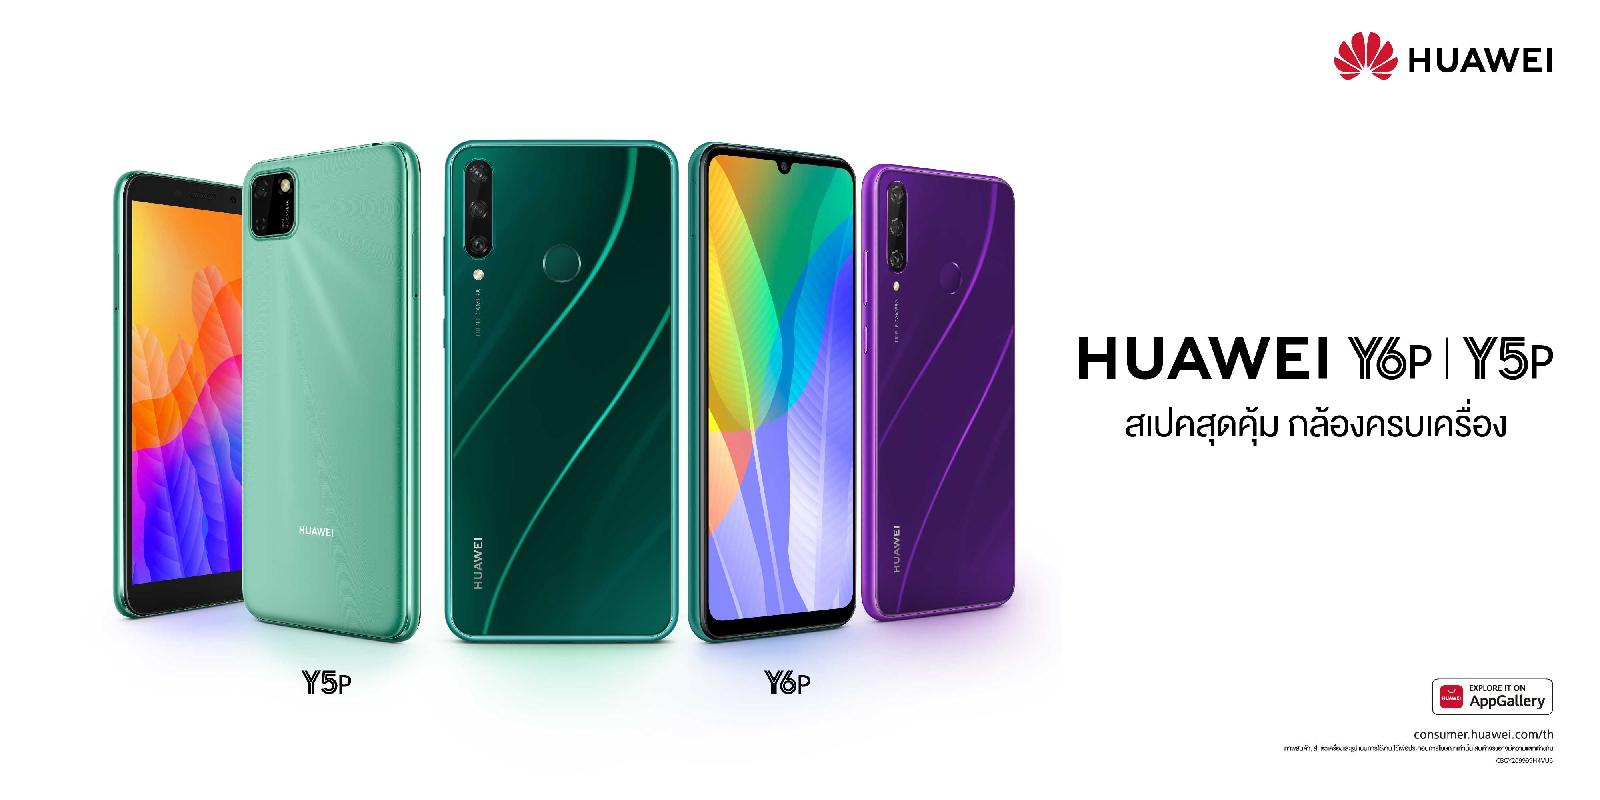 HUAWEI Y6p 4+64GB กล้องเจ๋ง แบตอึดจุใจพร้อม HUAWEI Y5p ราคาสุดเบา ดีไซน์สะดุดตาวางจำหน่ายทั่วประเทศ 29 พ.ค. นี้